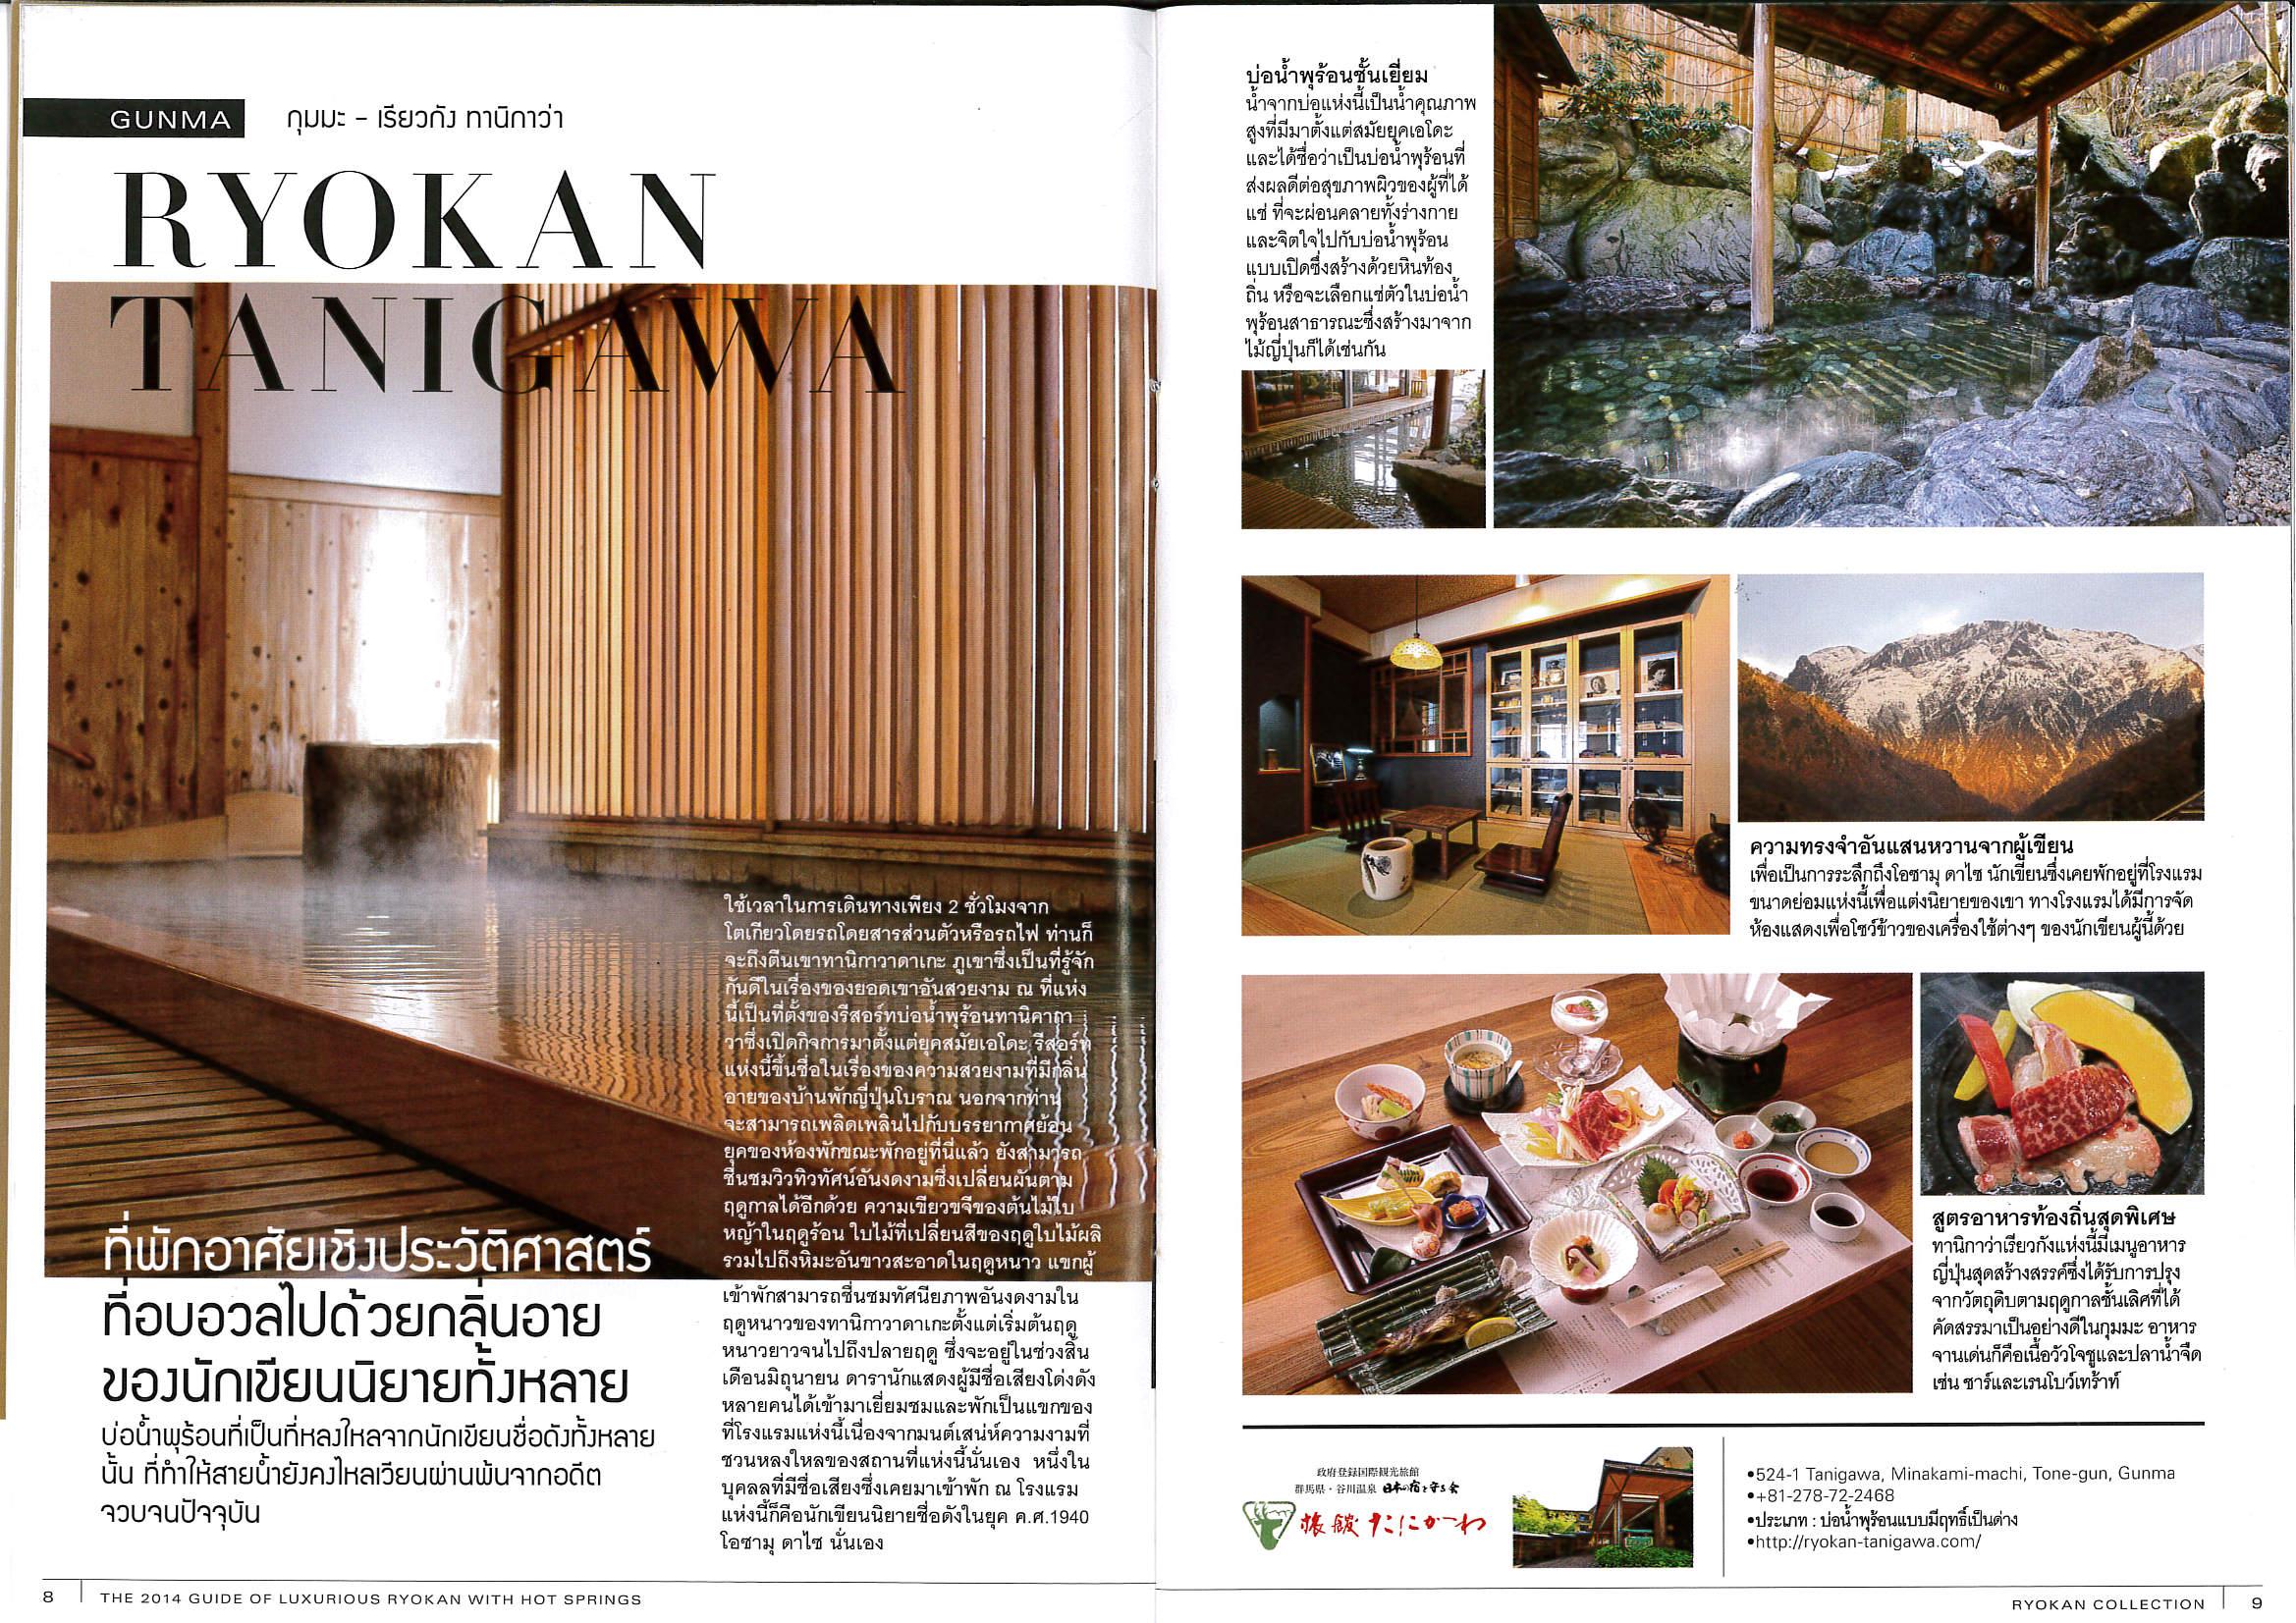 タイ国向けの雑誌に当館の記事が掲載されました。